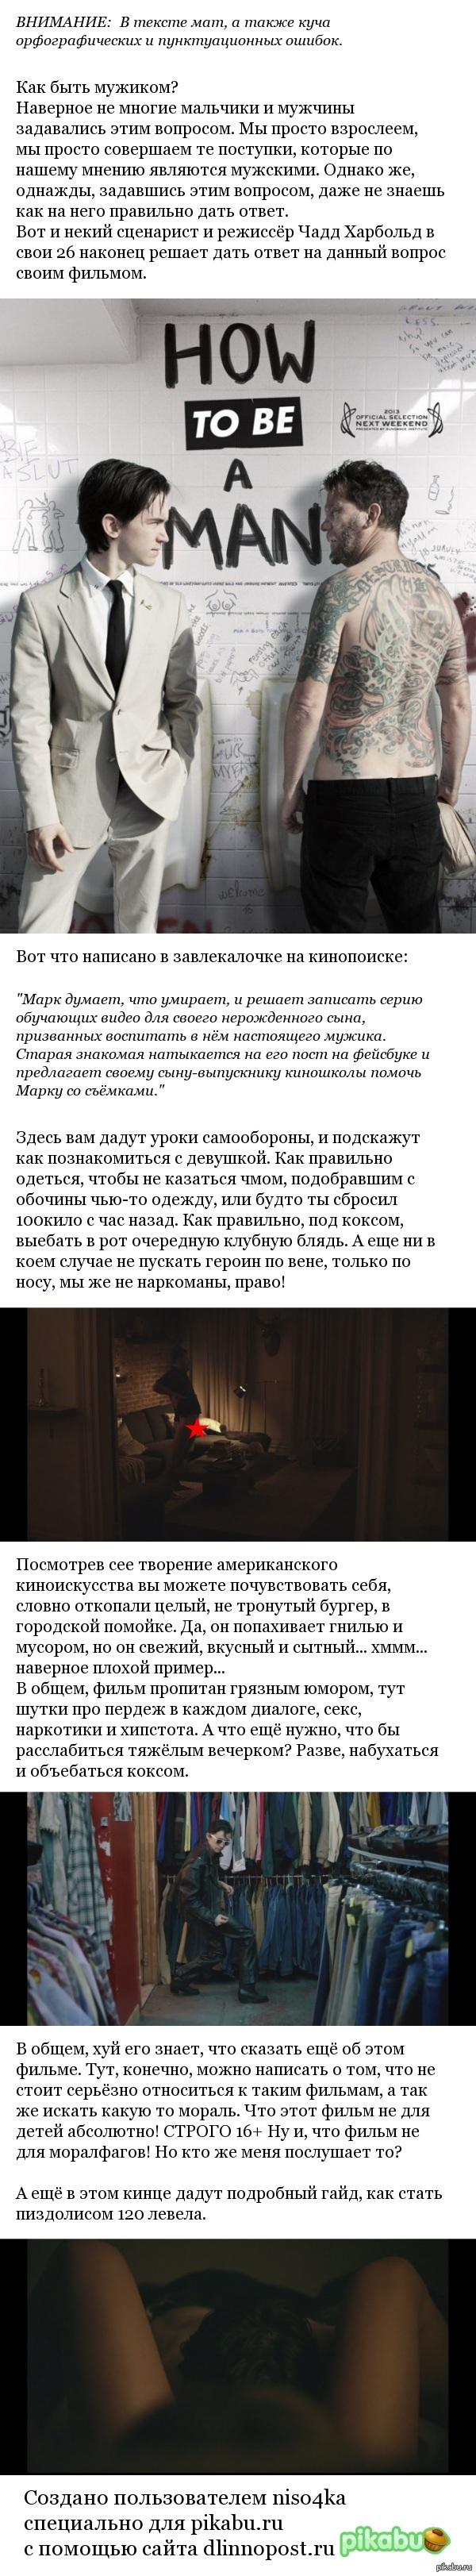 """Как быть мужиком Мнение о фильме """"Как быть мужиком"""""""